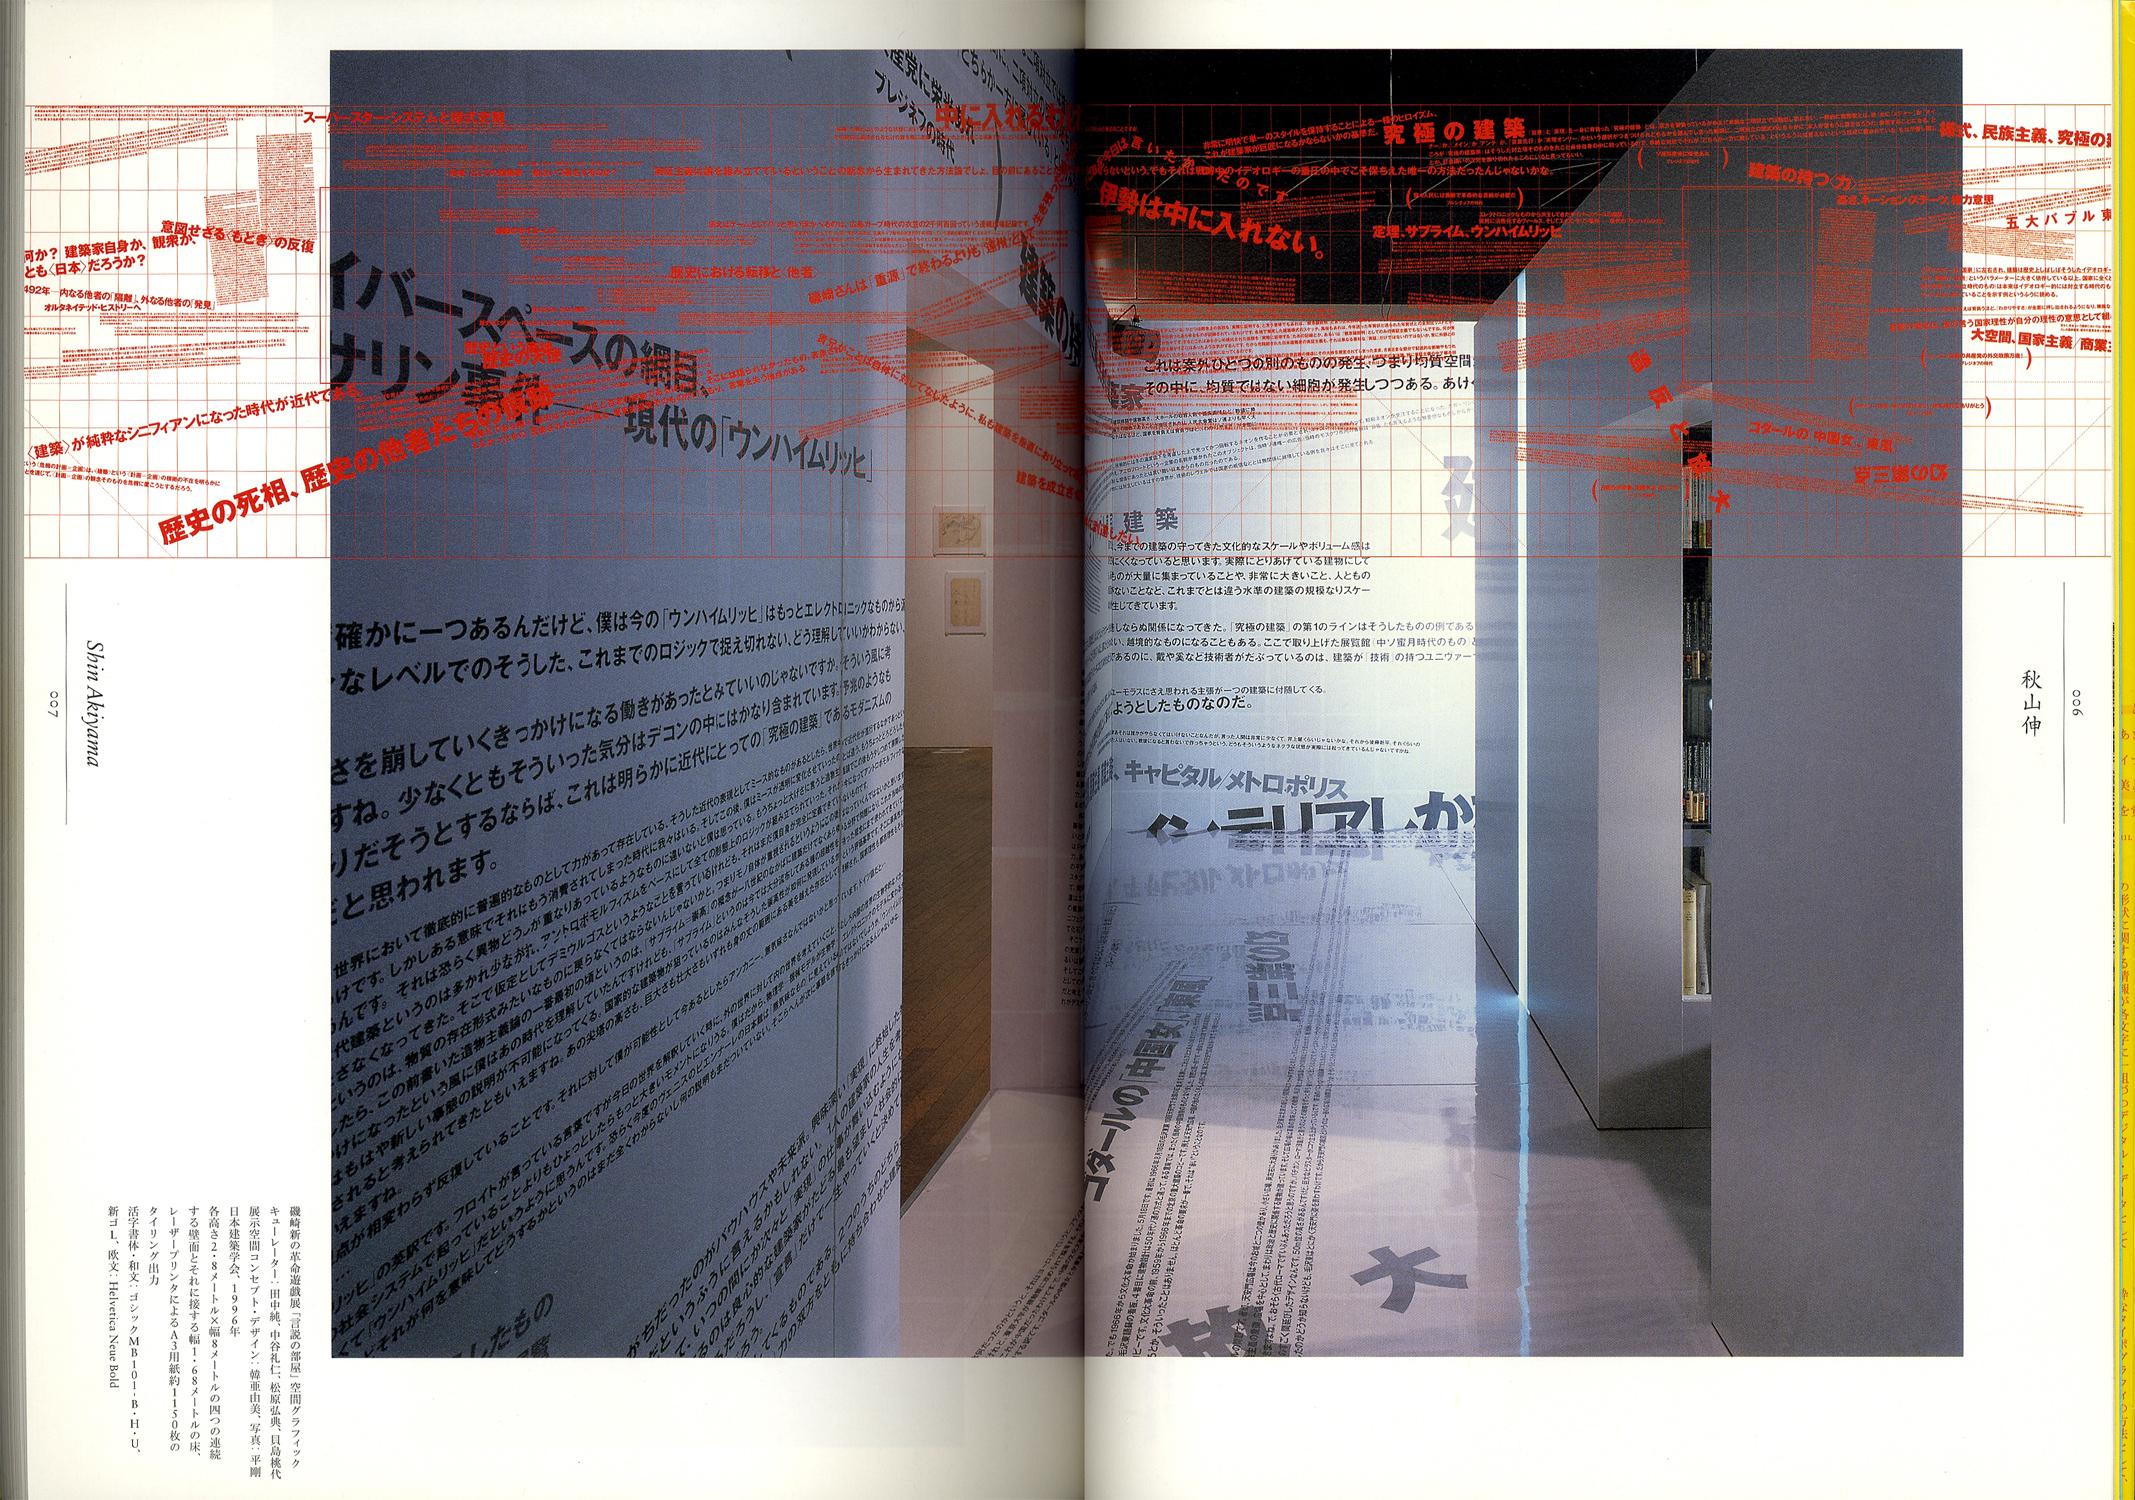 新撰 日本のタイポグラフィ Typography in Japan[image3]